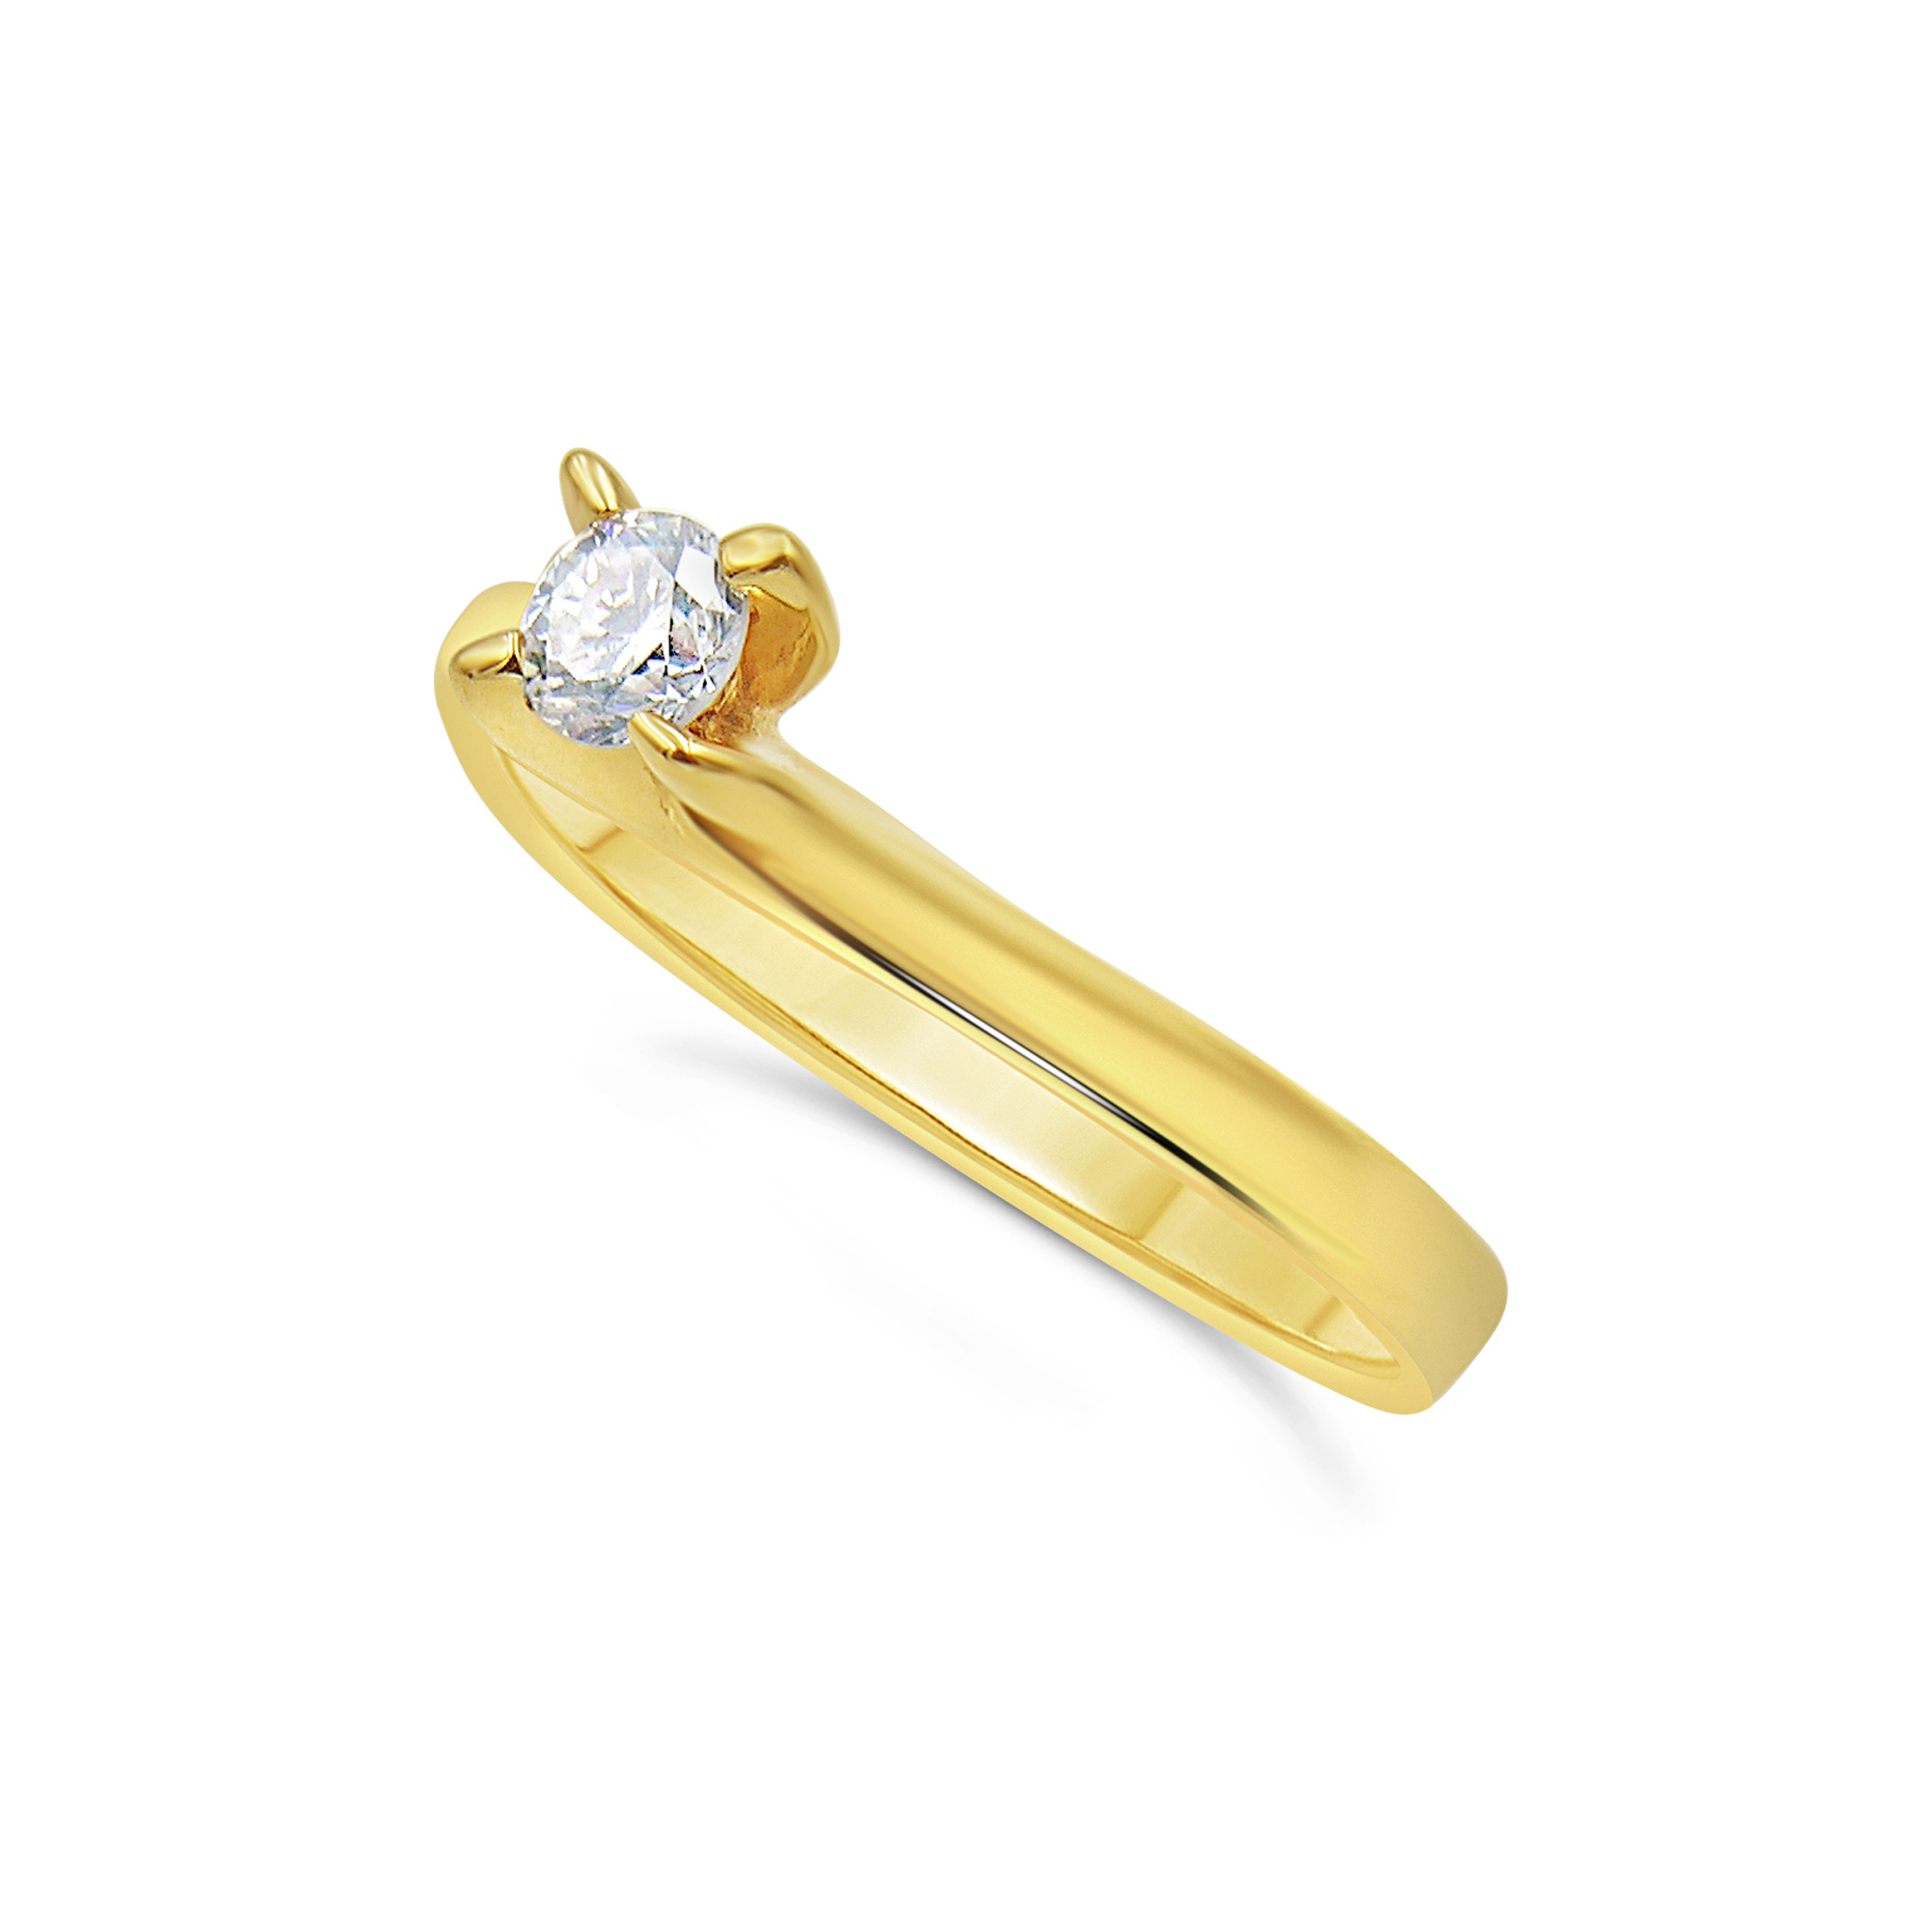 18kt geel goud verlovingsring met 0.23 ct diamant